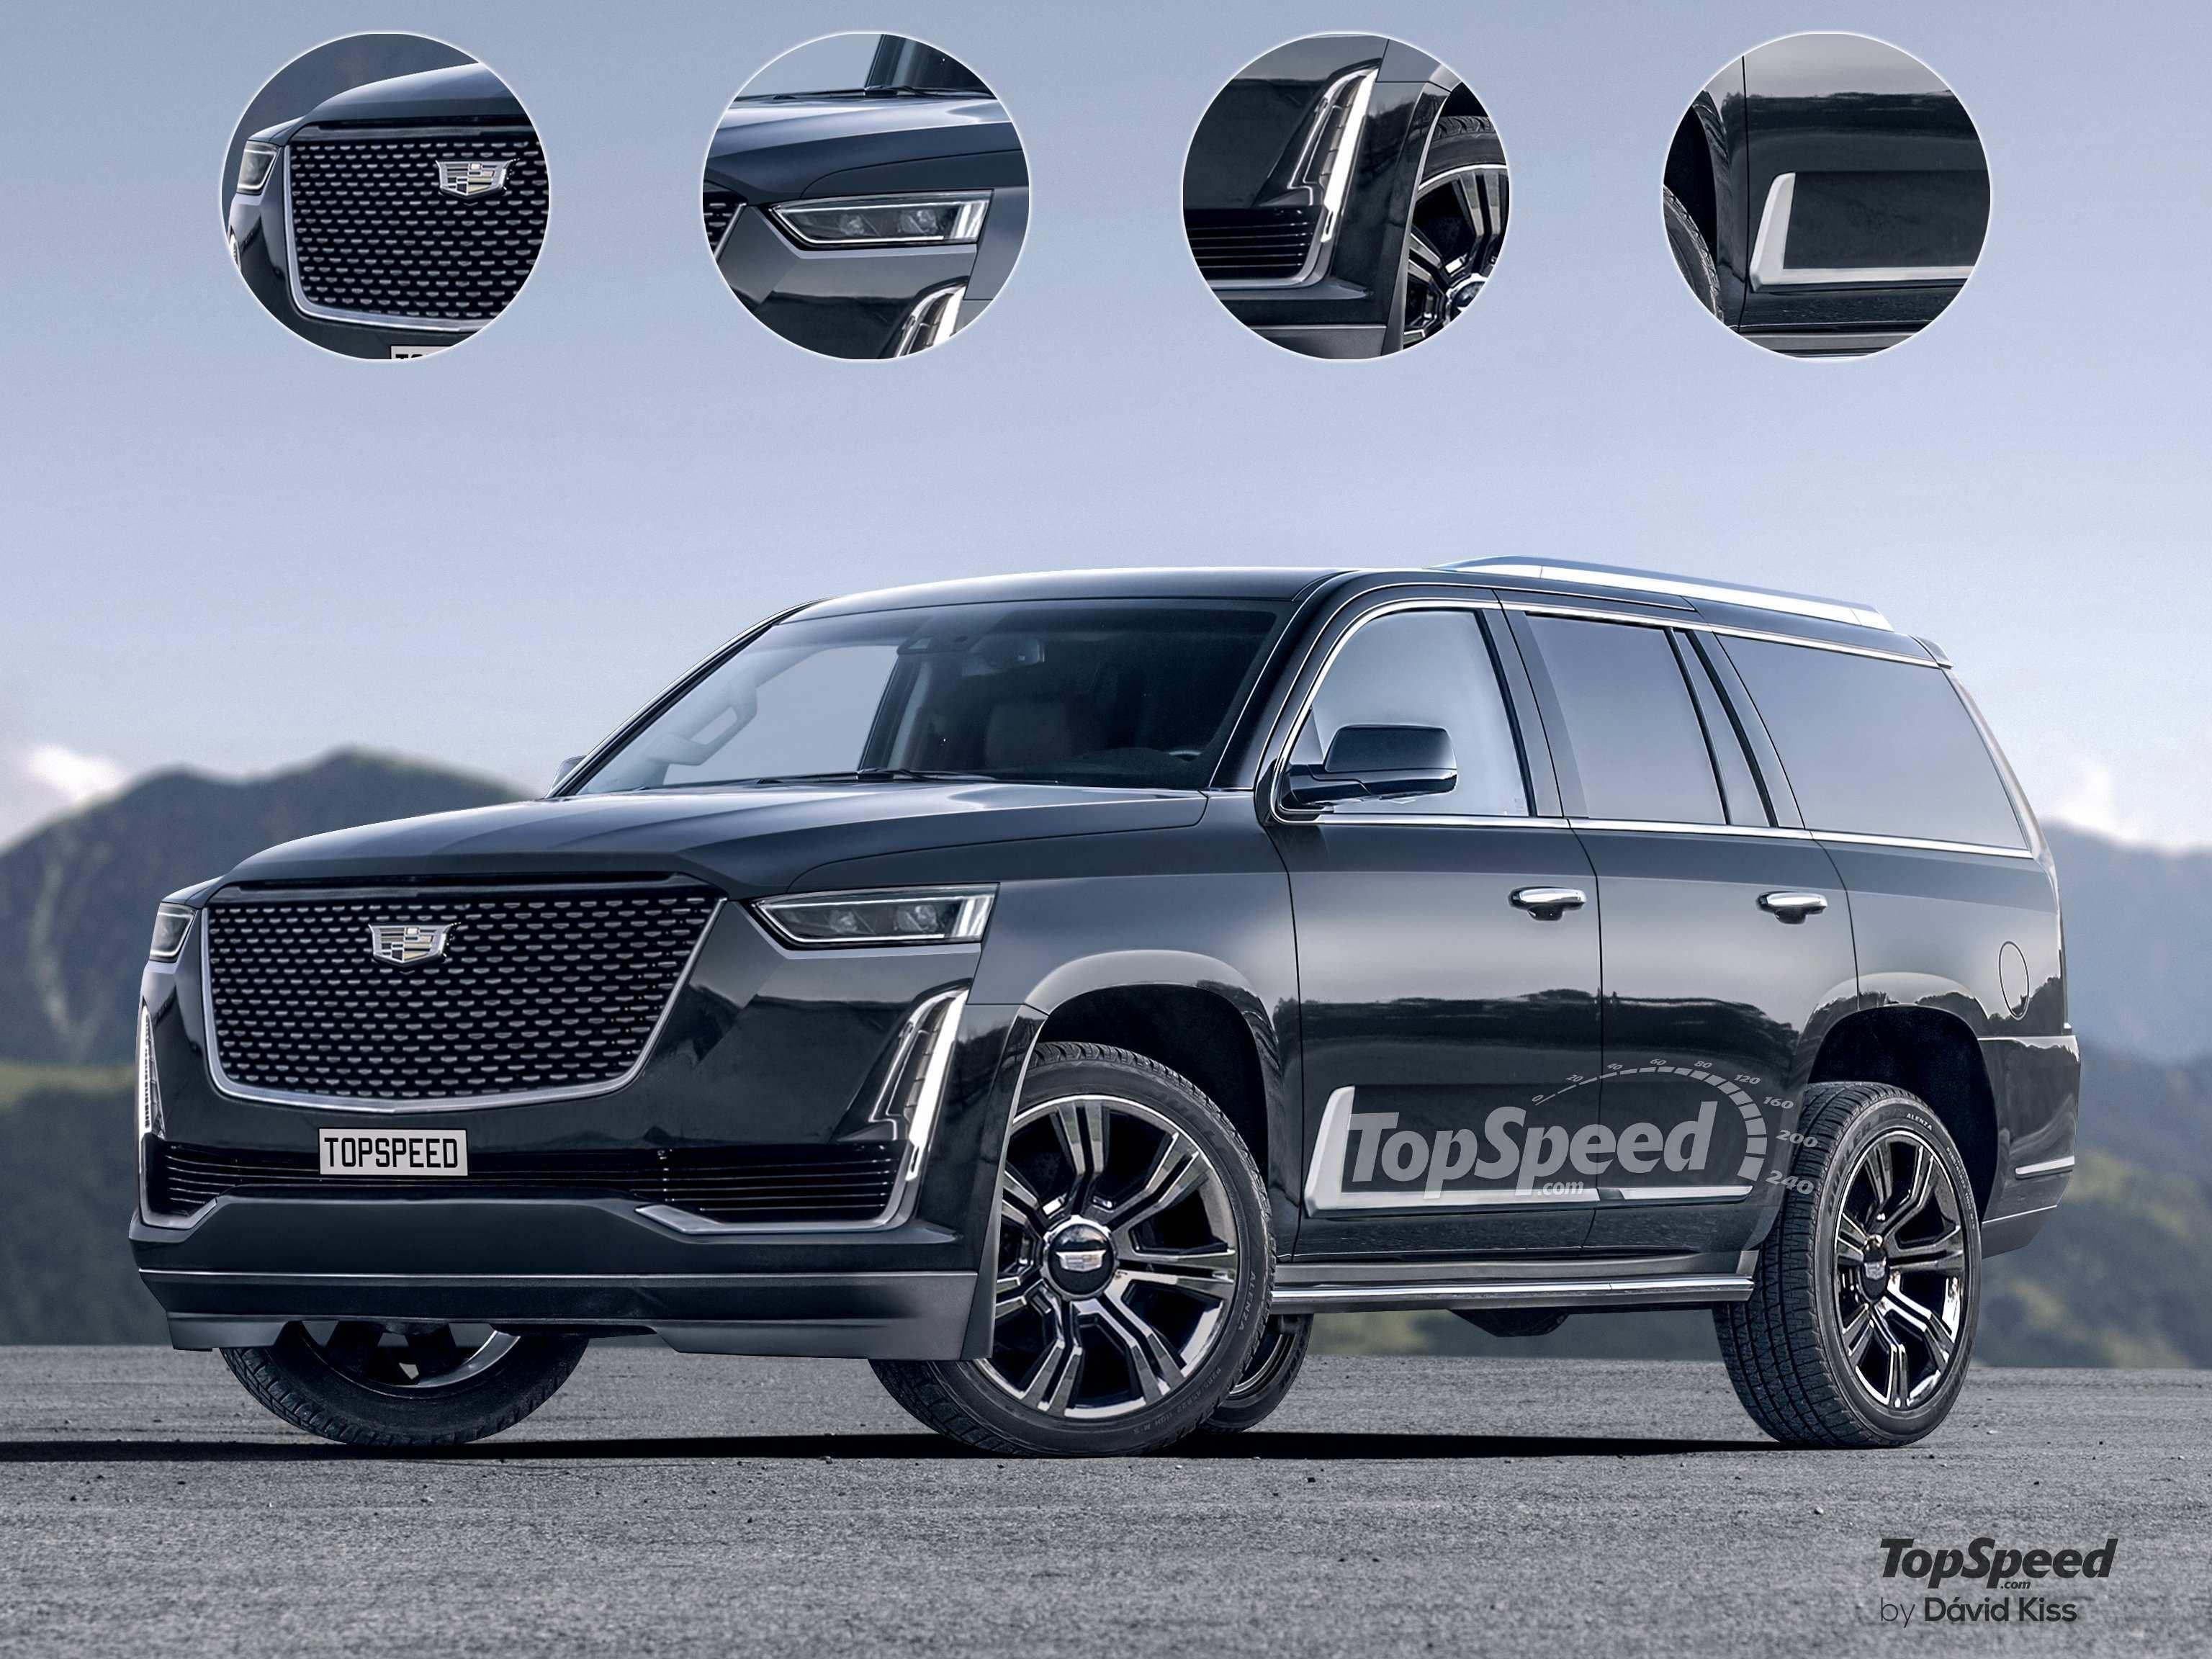 61 All New 2020 Cadillac Escalade Prices for 2020 Cadillac Escalade